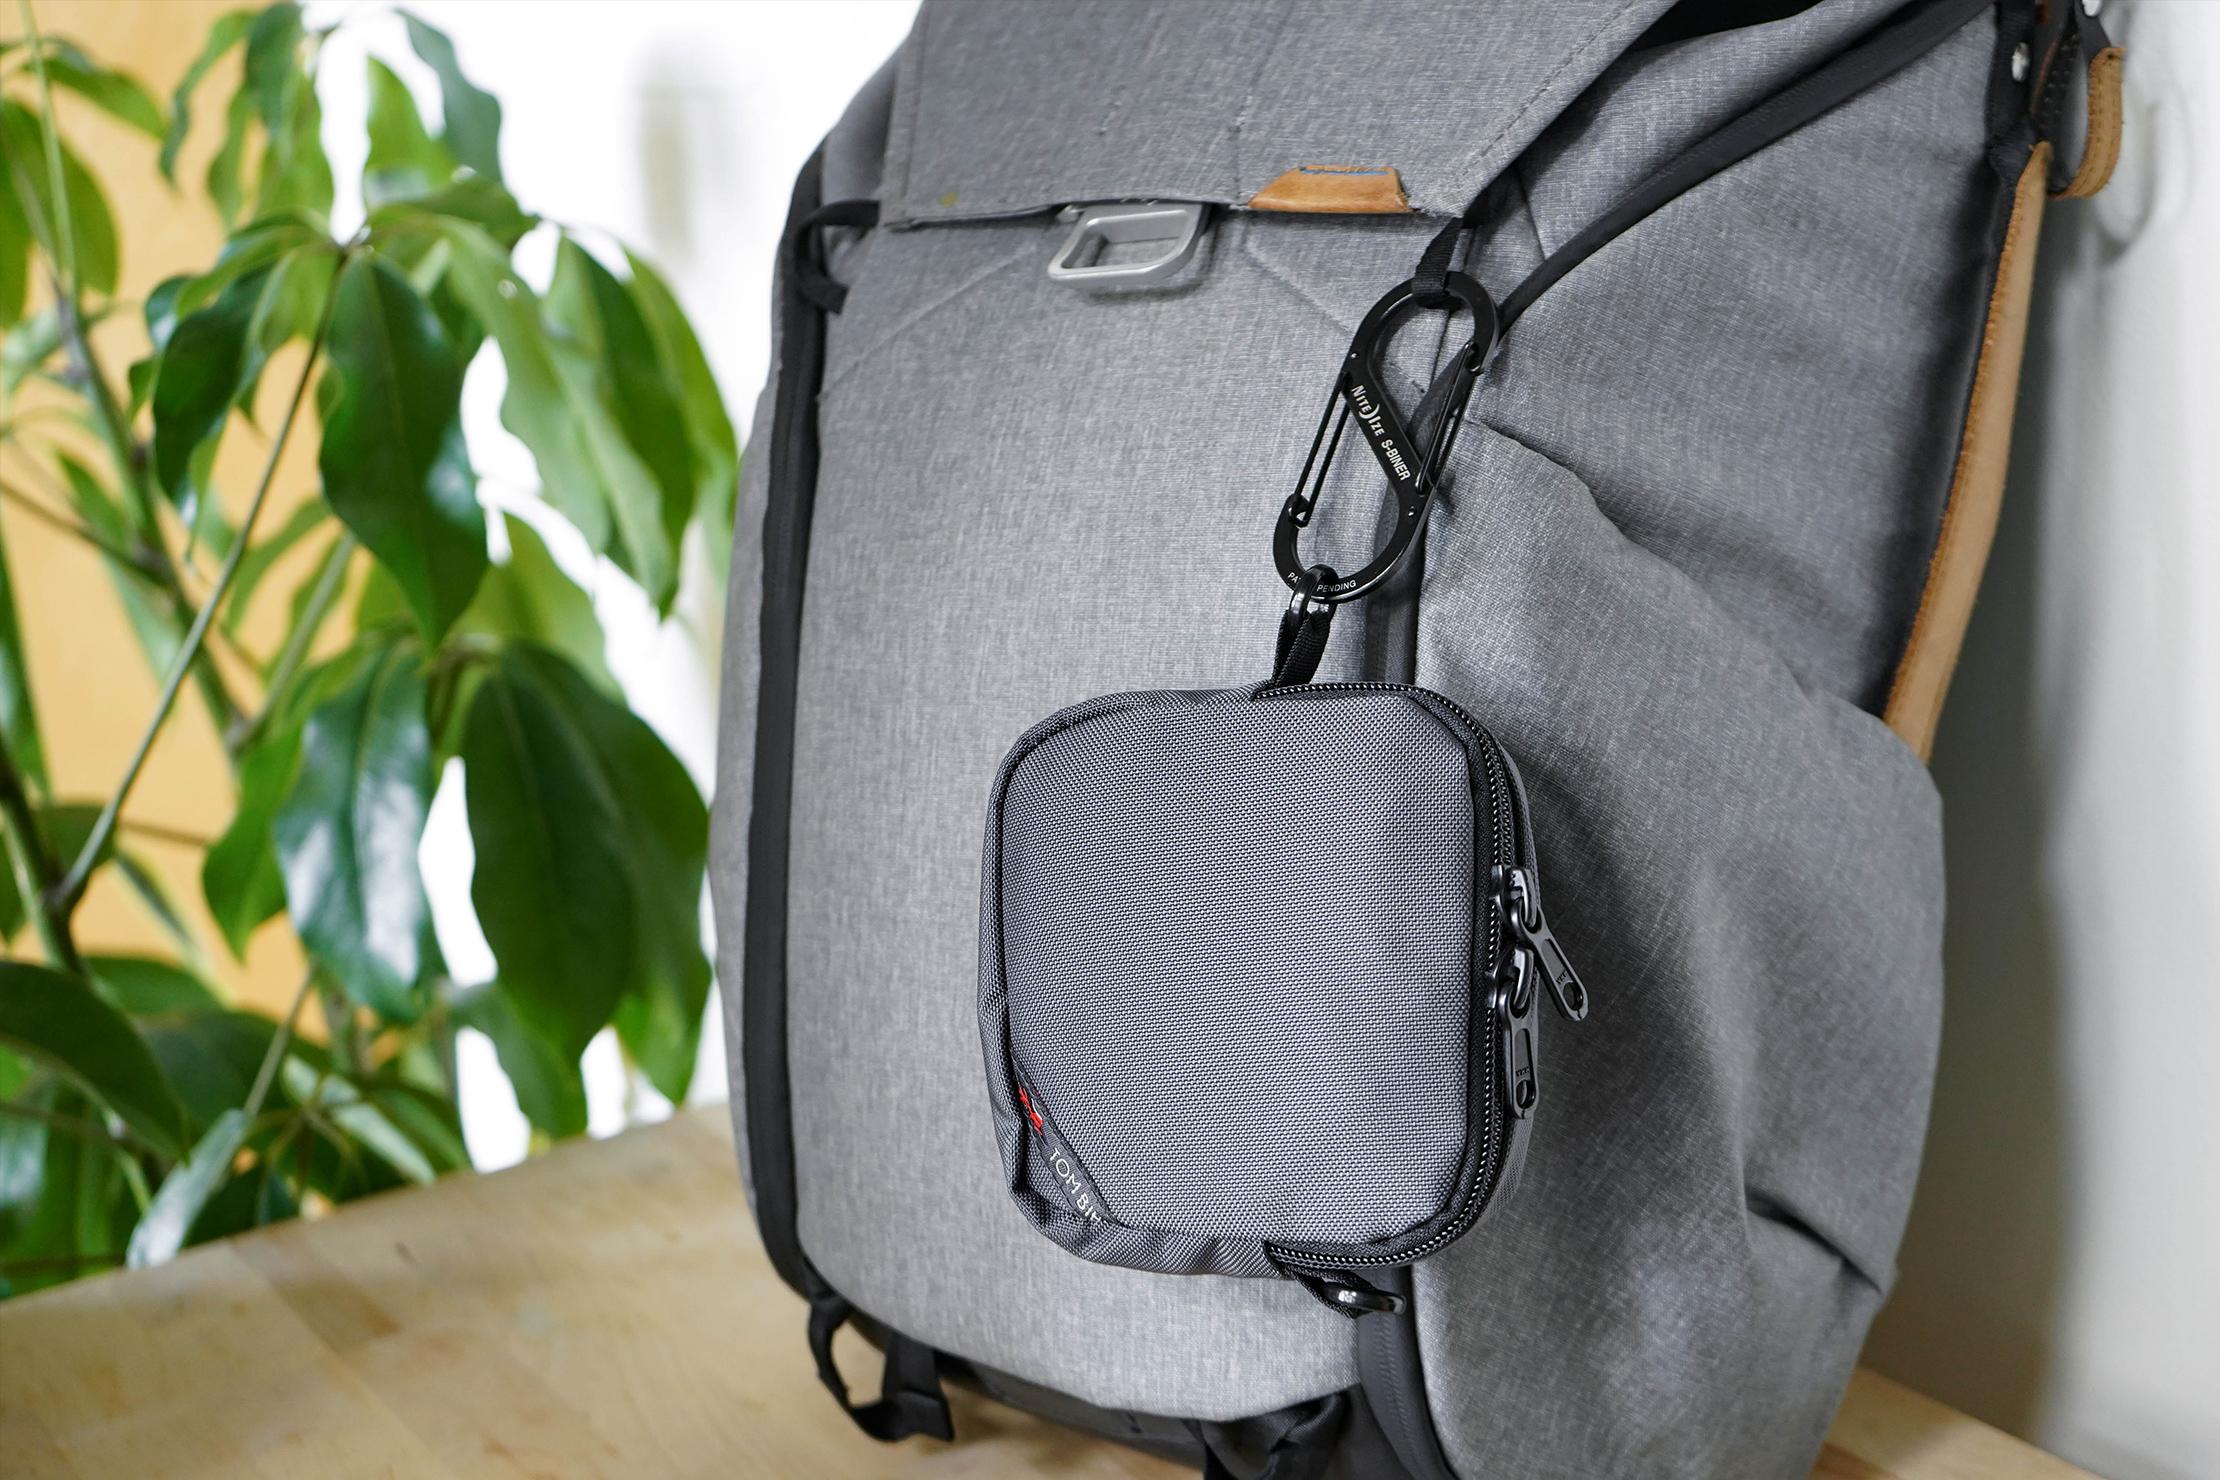 Tom Bihn Cubelet On Bag